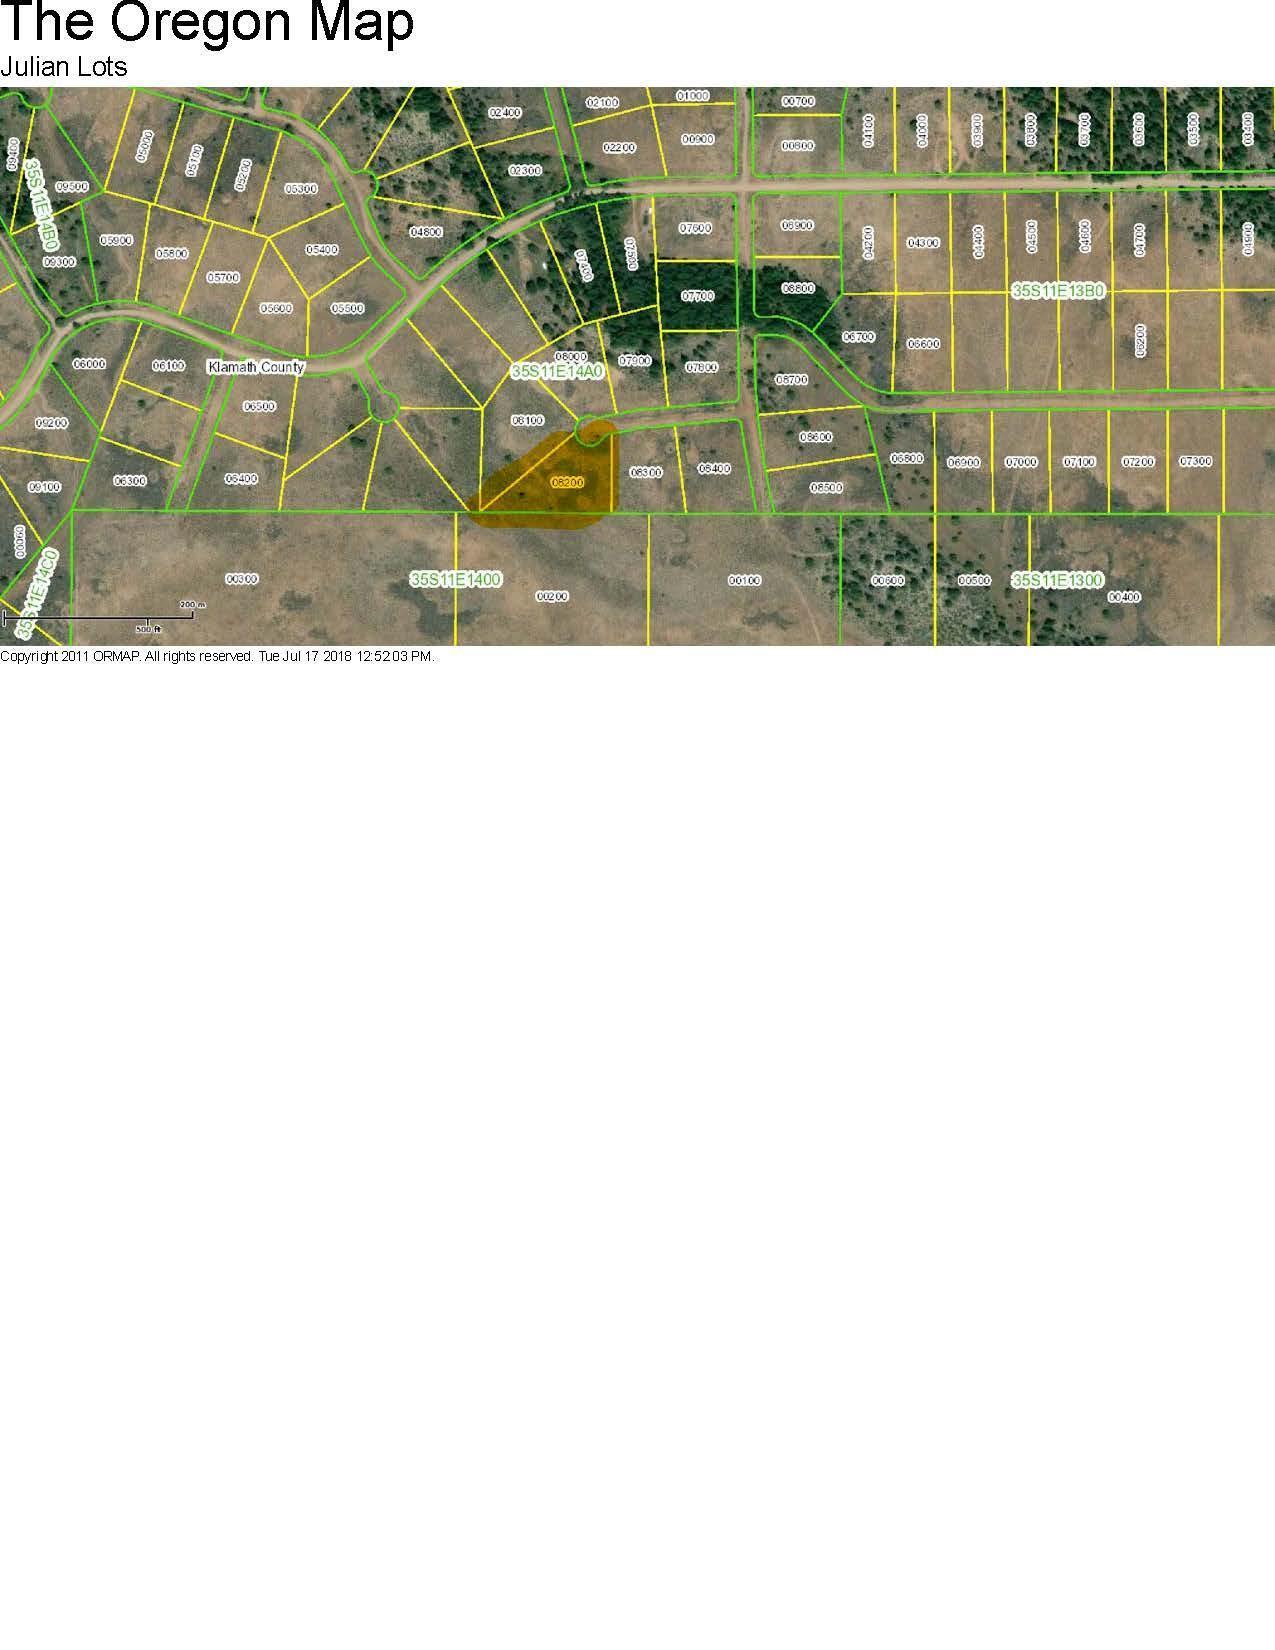 8200 Lasser Sprague River Or 97639 2991032 Rutledge Property